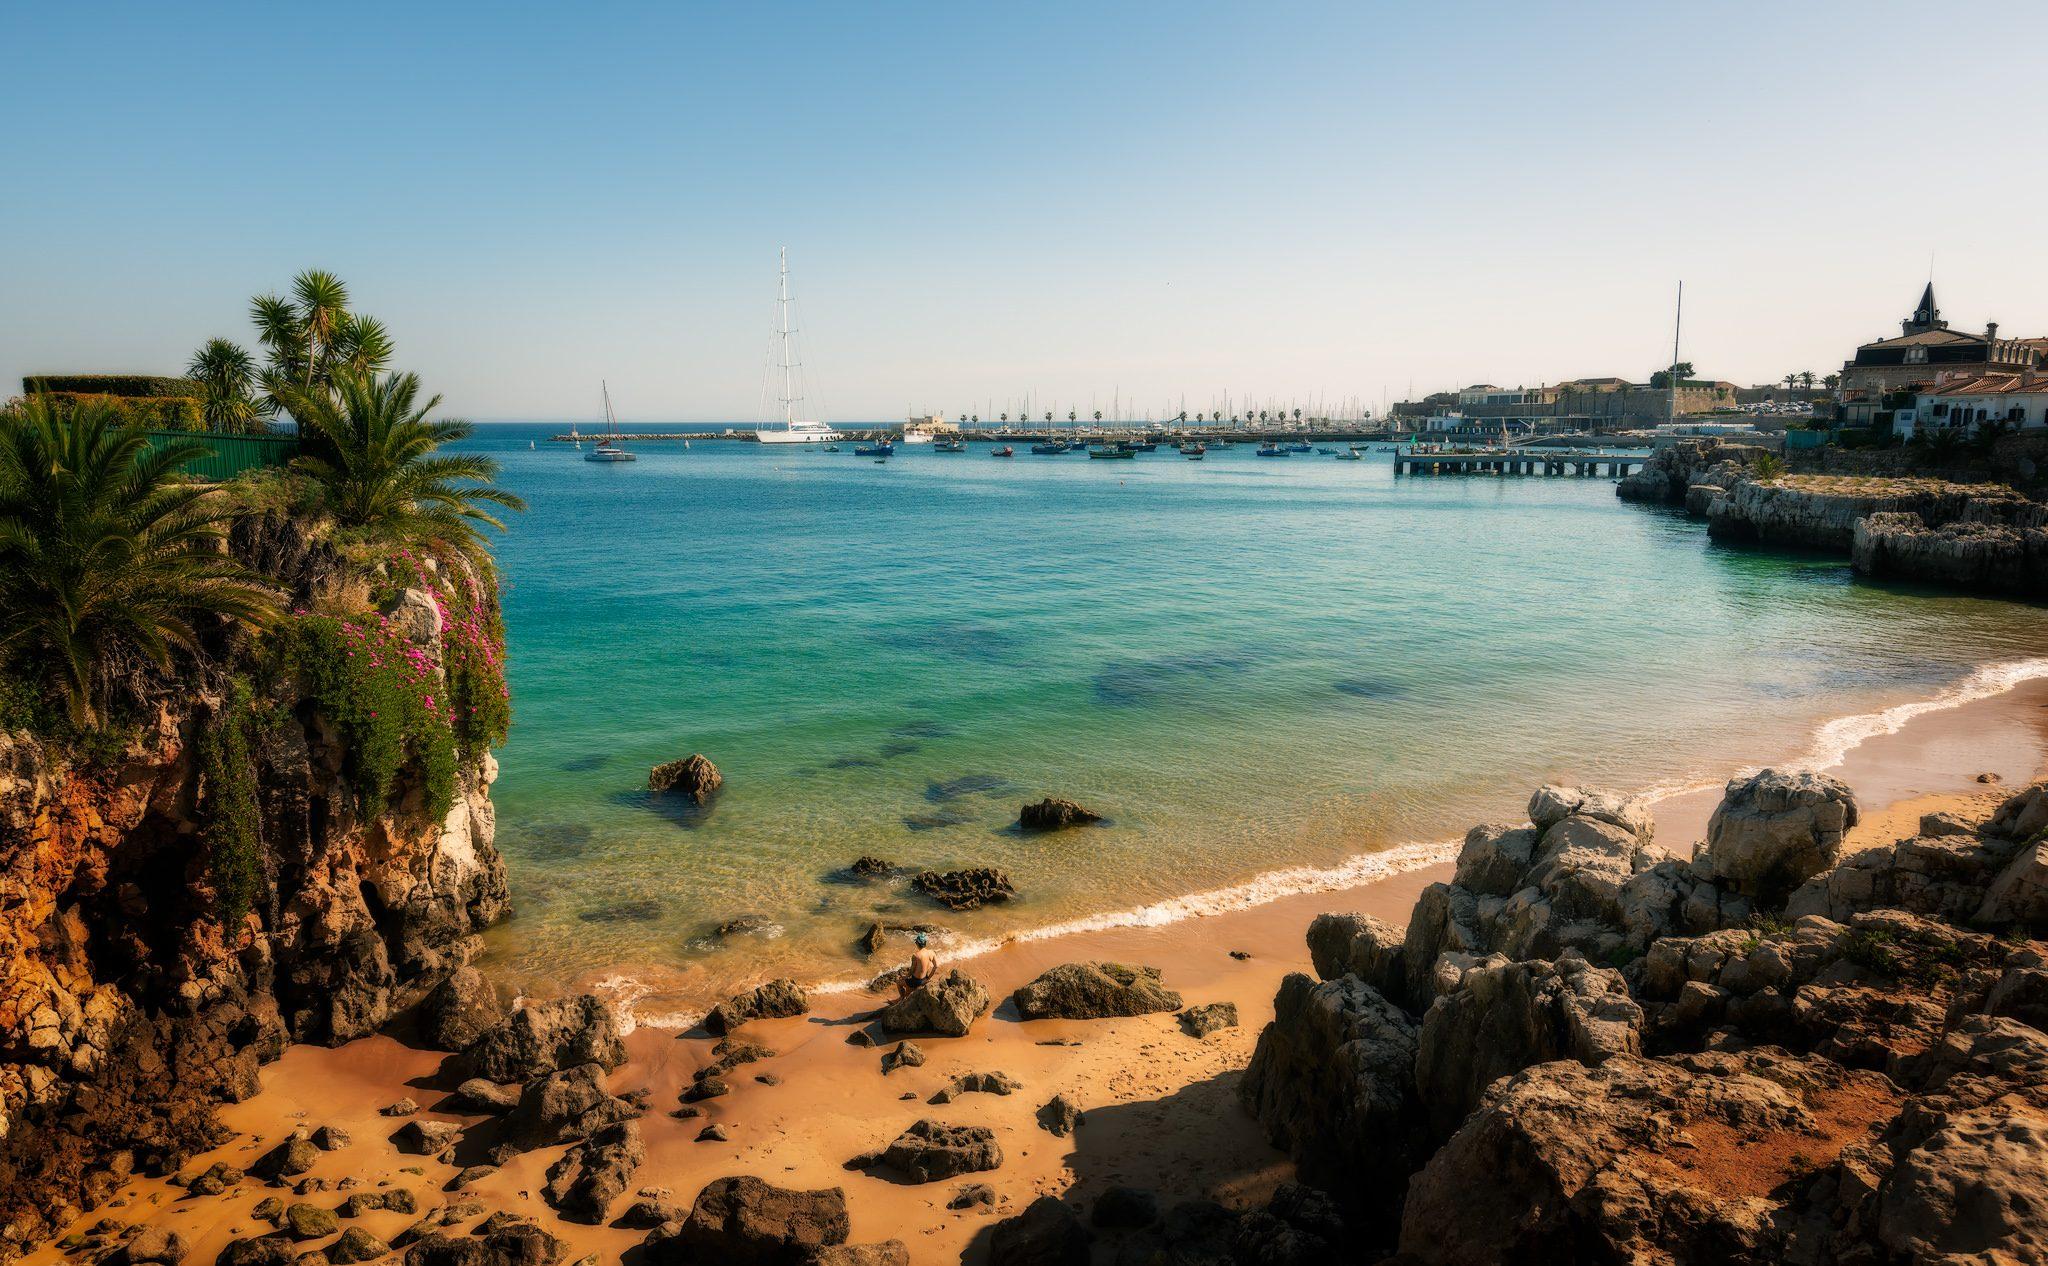 Cascais during a sunny day - Praia da Rainha (Queen's Beach); Portugal.